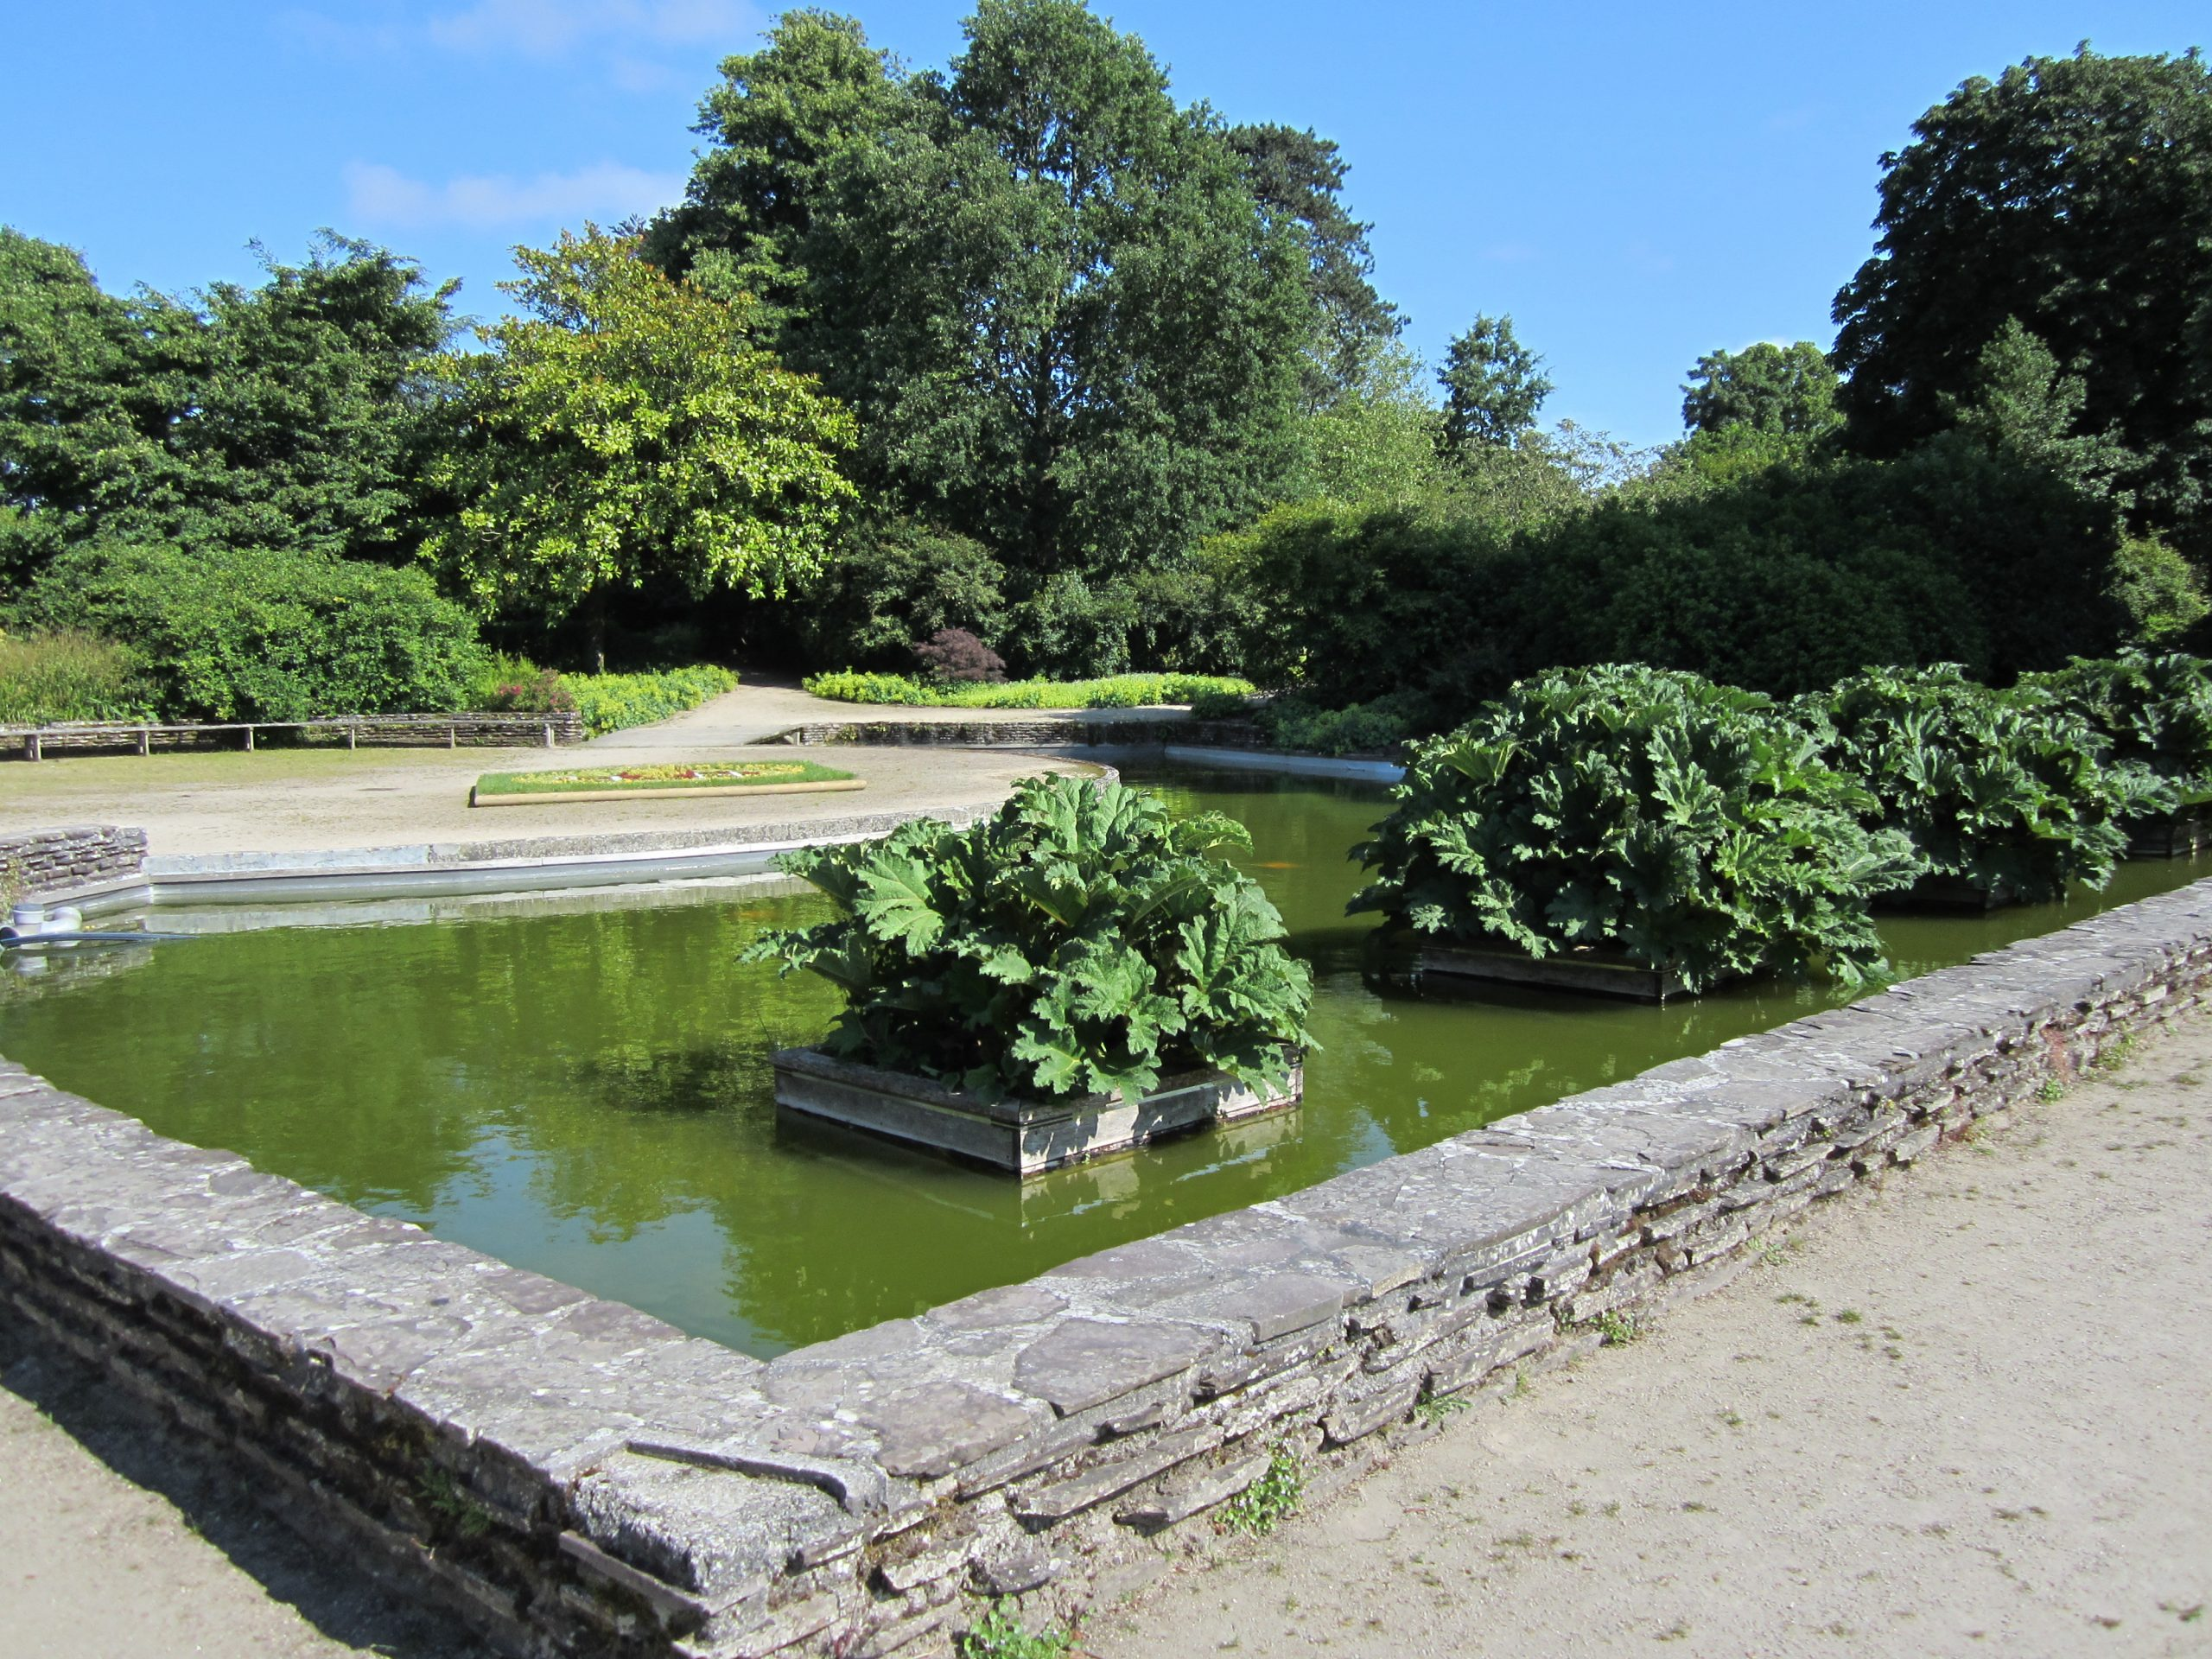 File:jardin Des Plantes D'avranches - Bassin Des Gunneras ... dedans Jardin Des Plantes Avranches